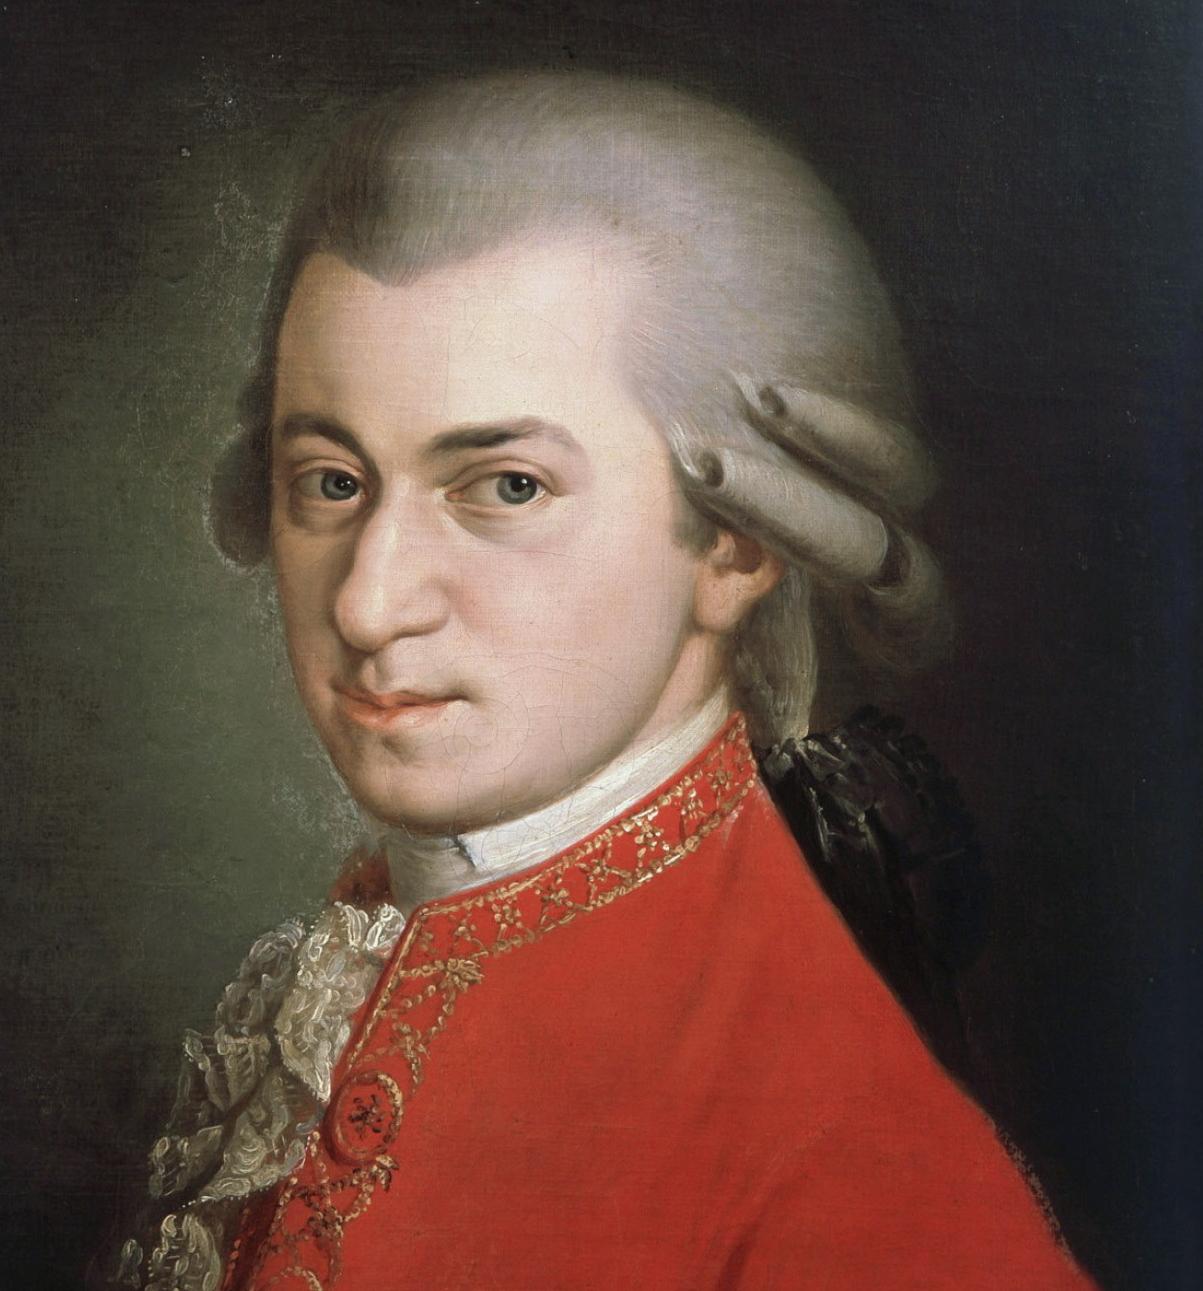 Biografía Corta De Mozart Biografías Cortas